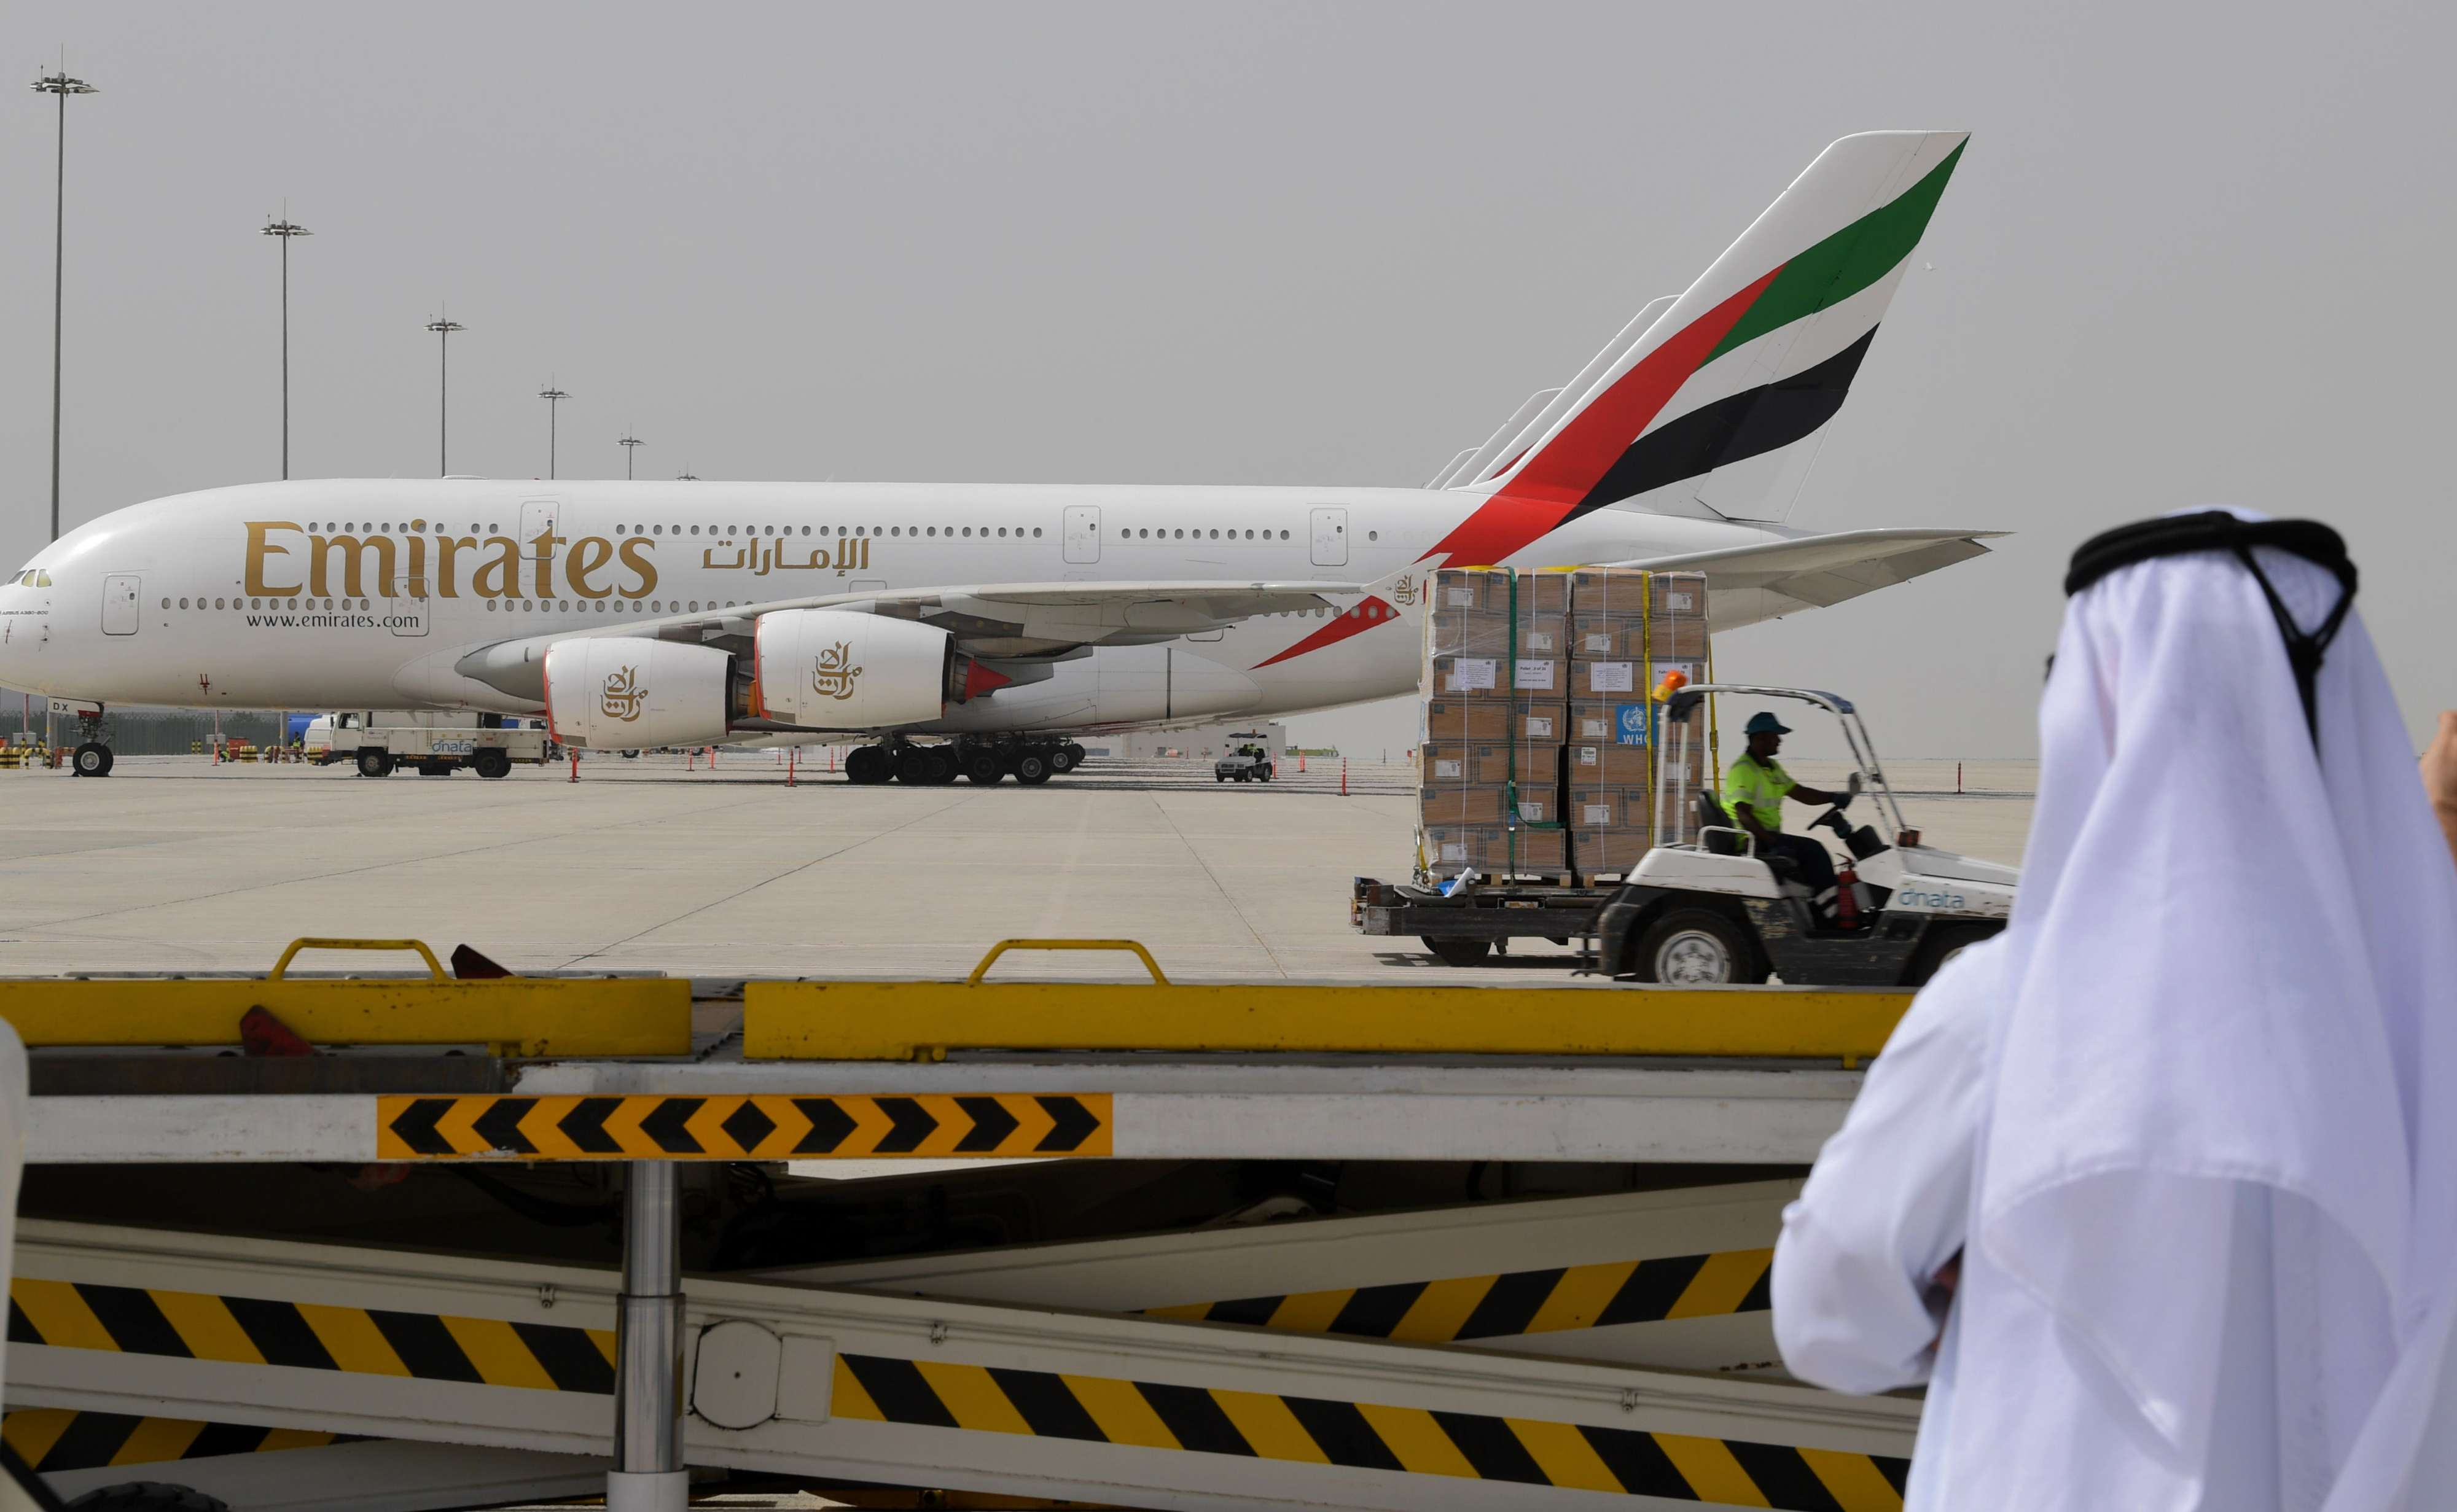 الإمارات تسمح للمواطنين والمقيمين بالسفر وفق اشتراطات صحية